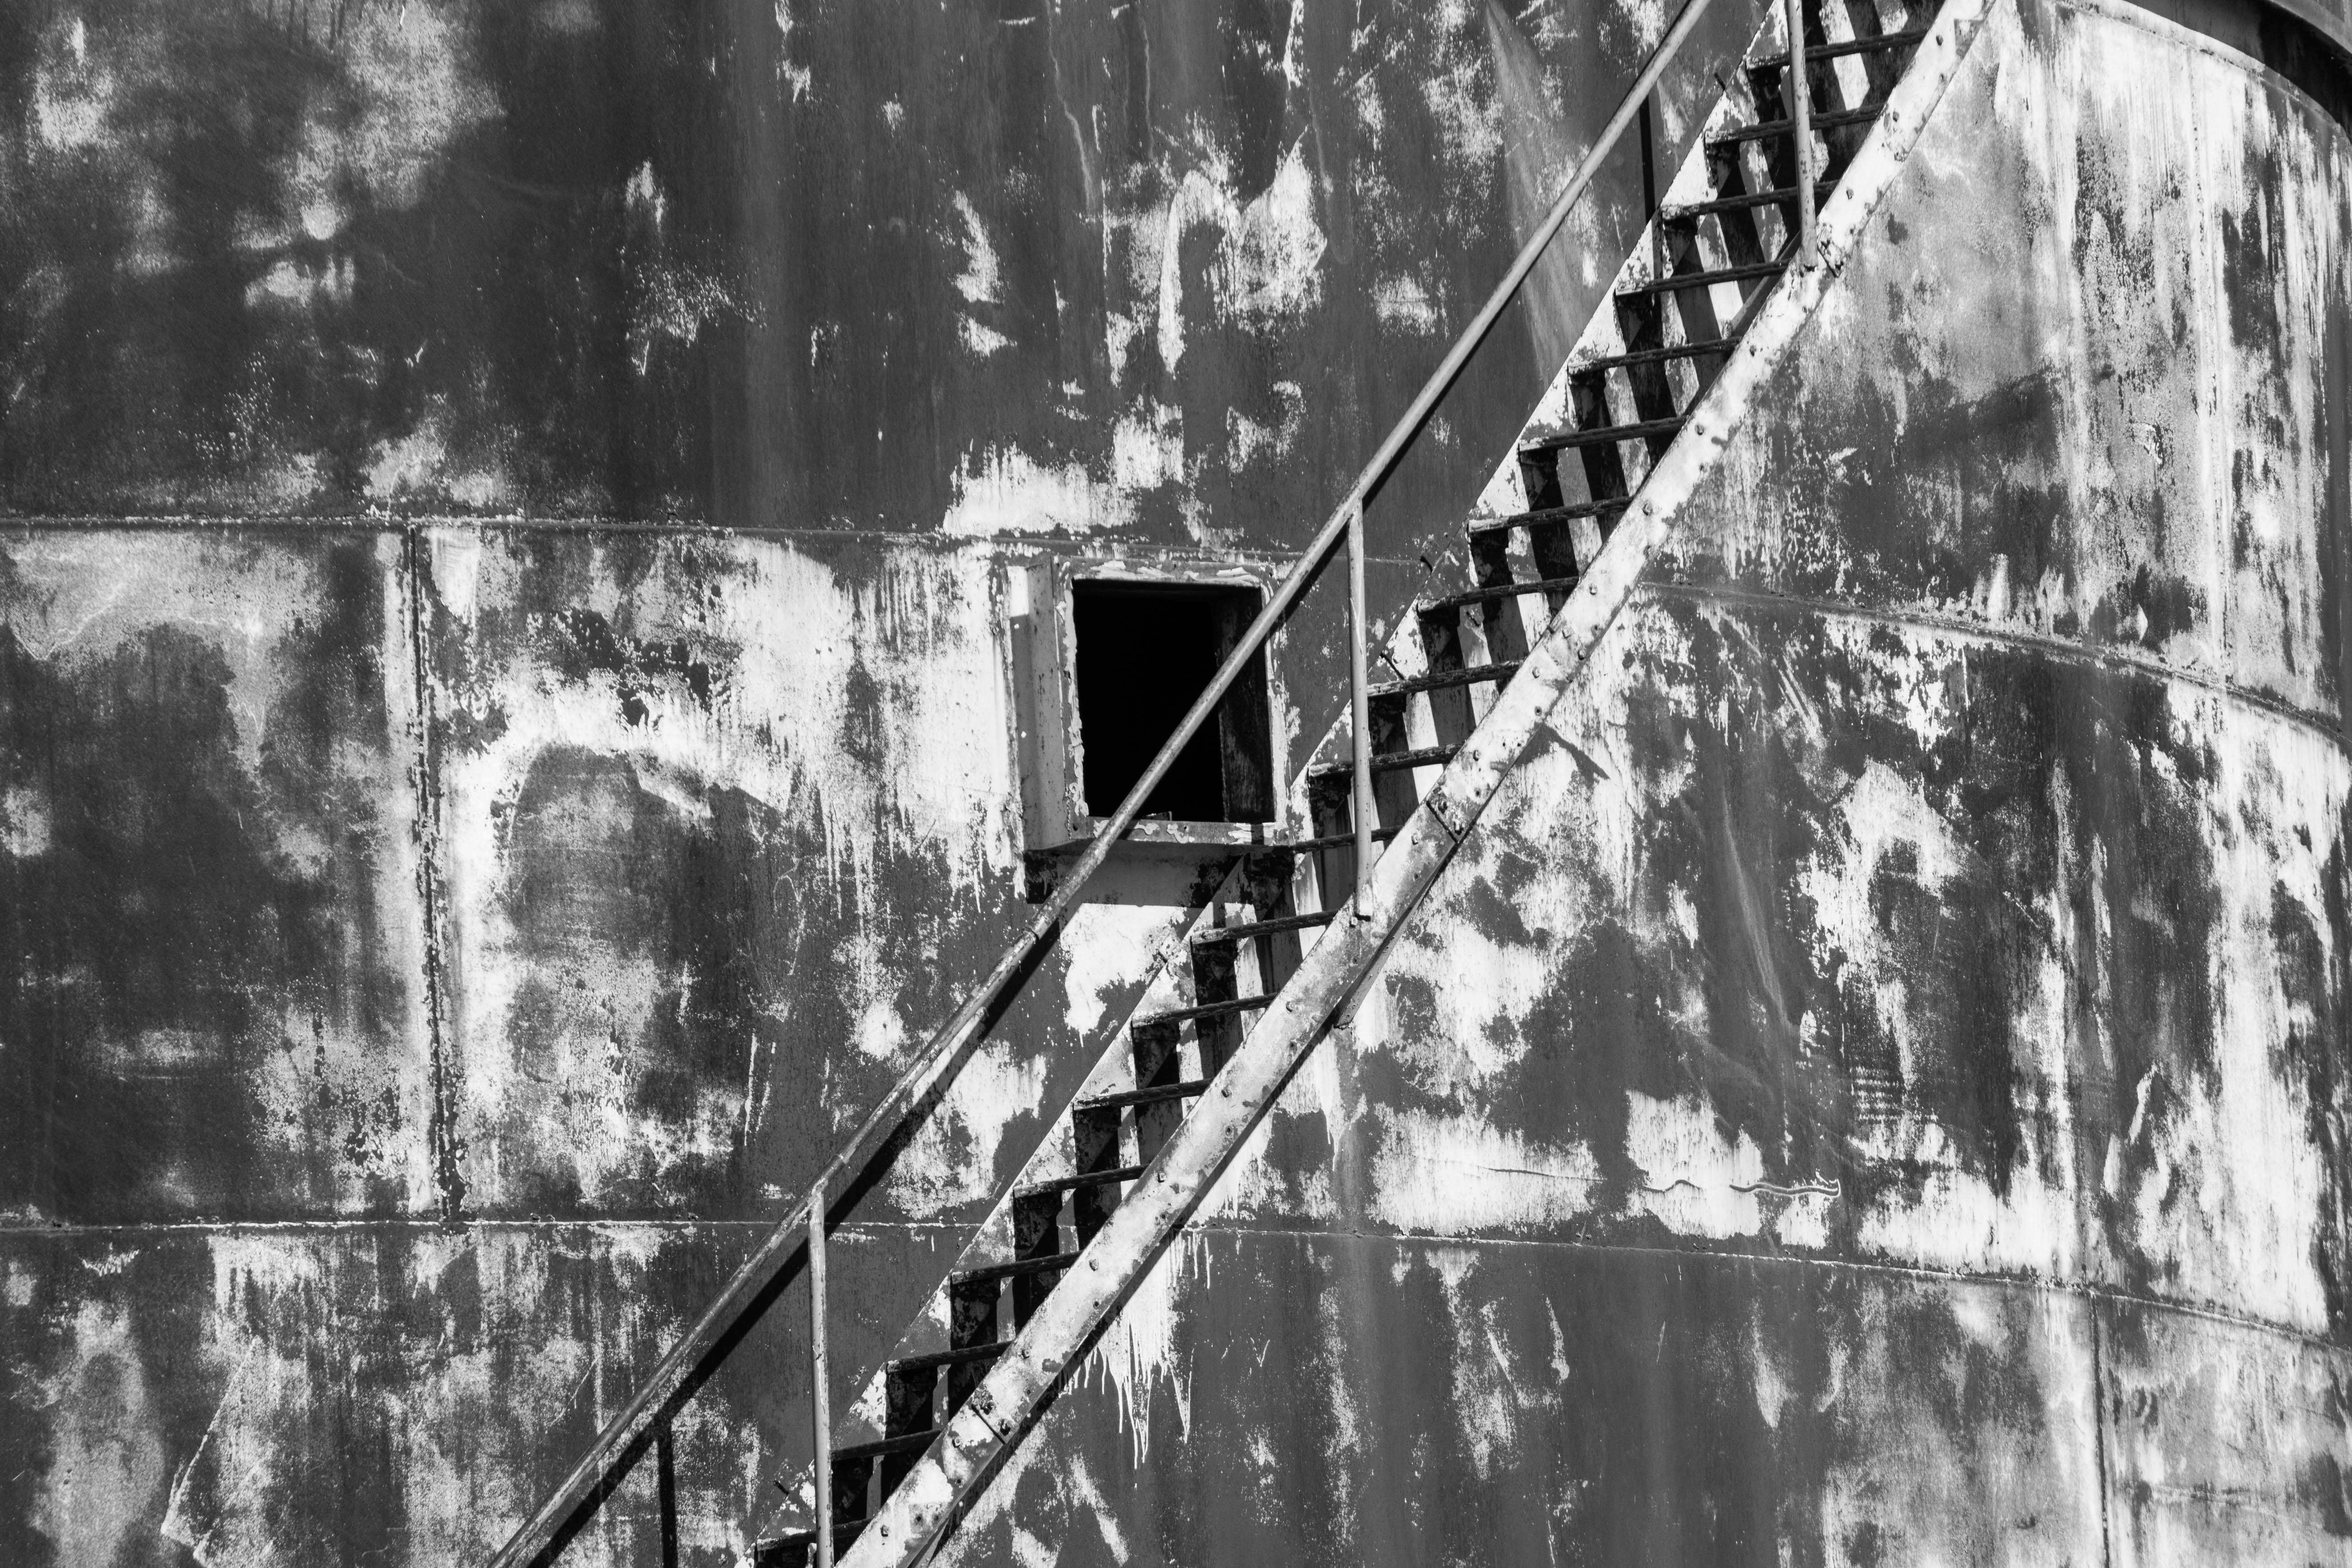 Grain silo.